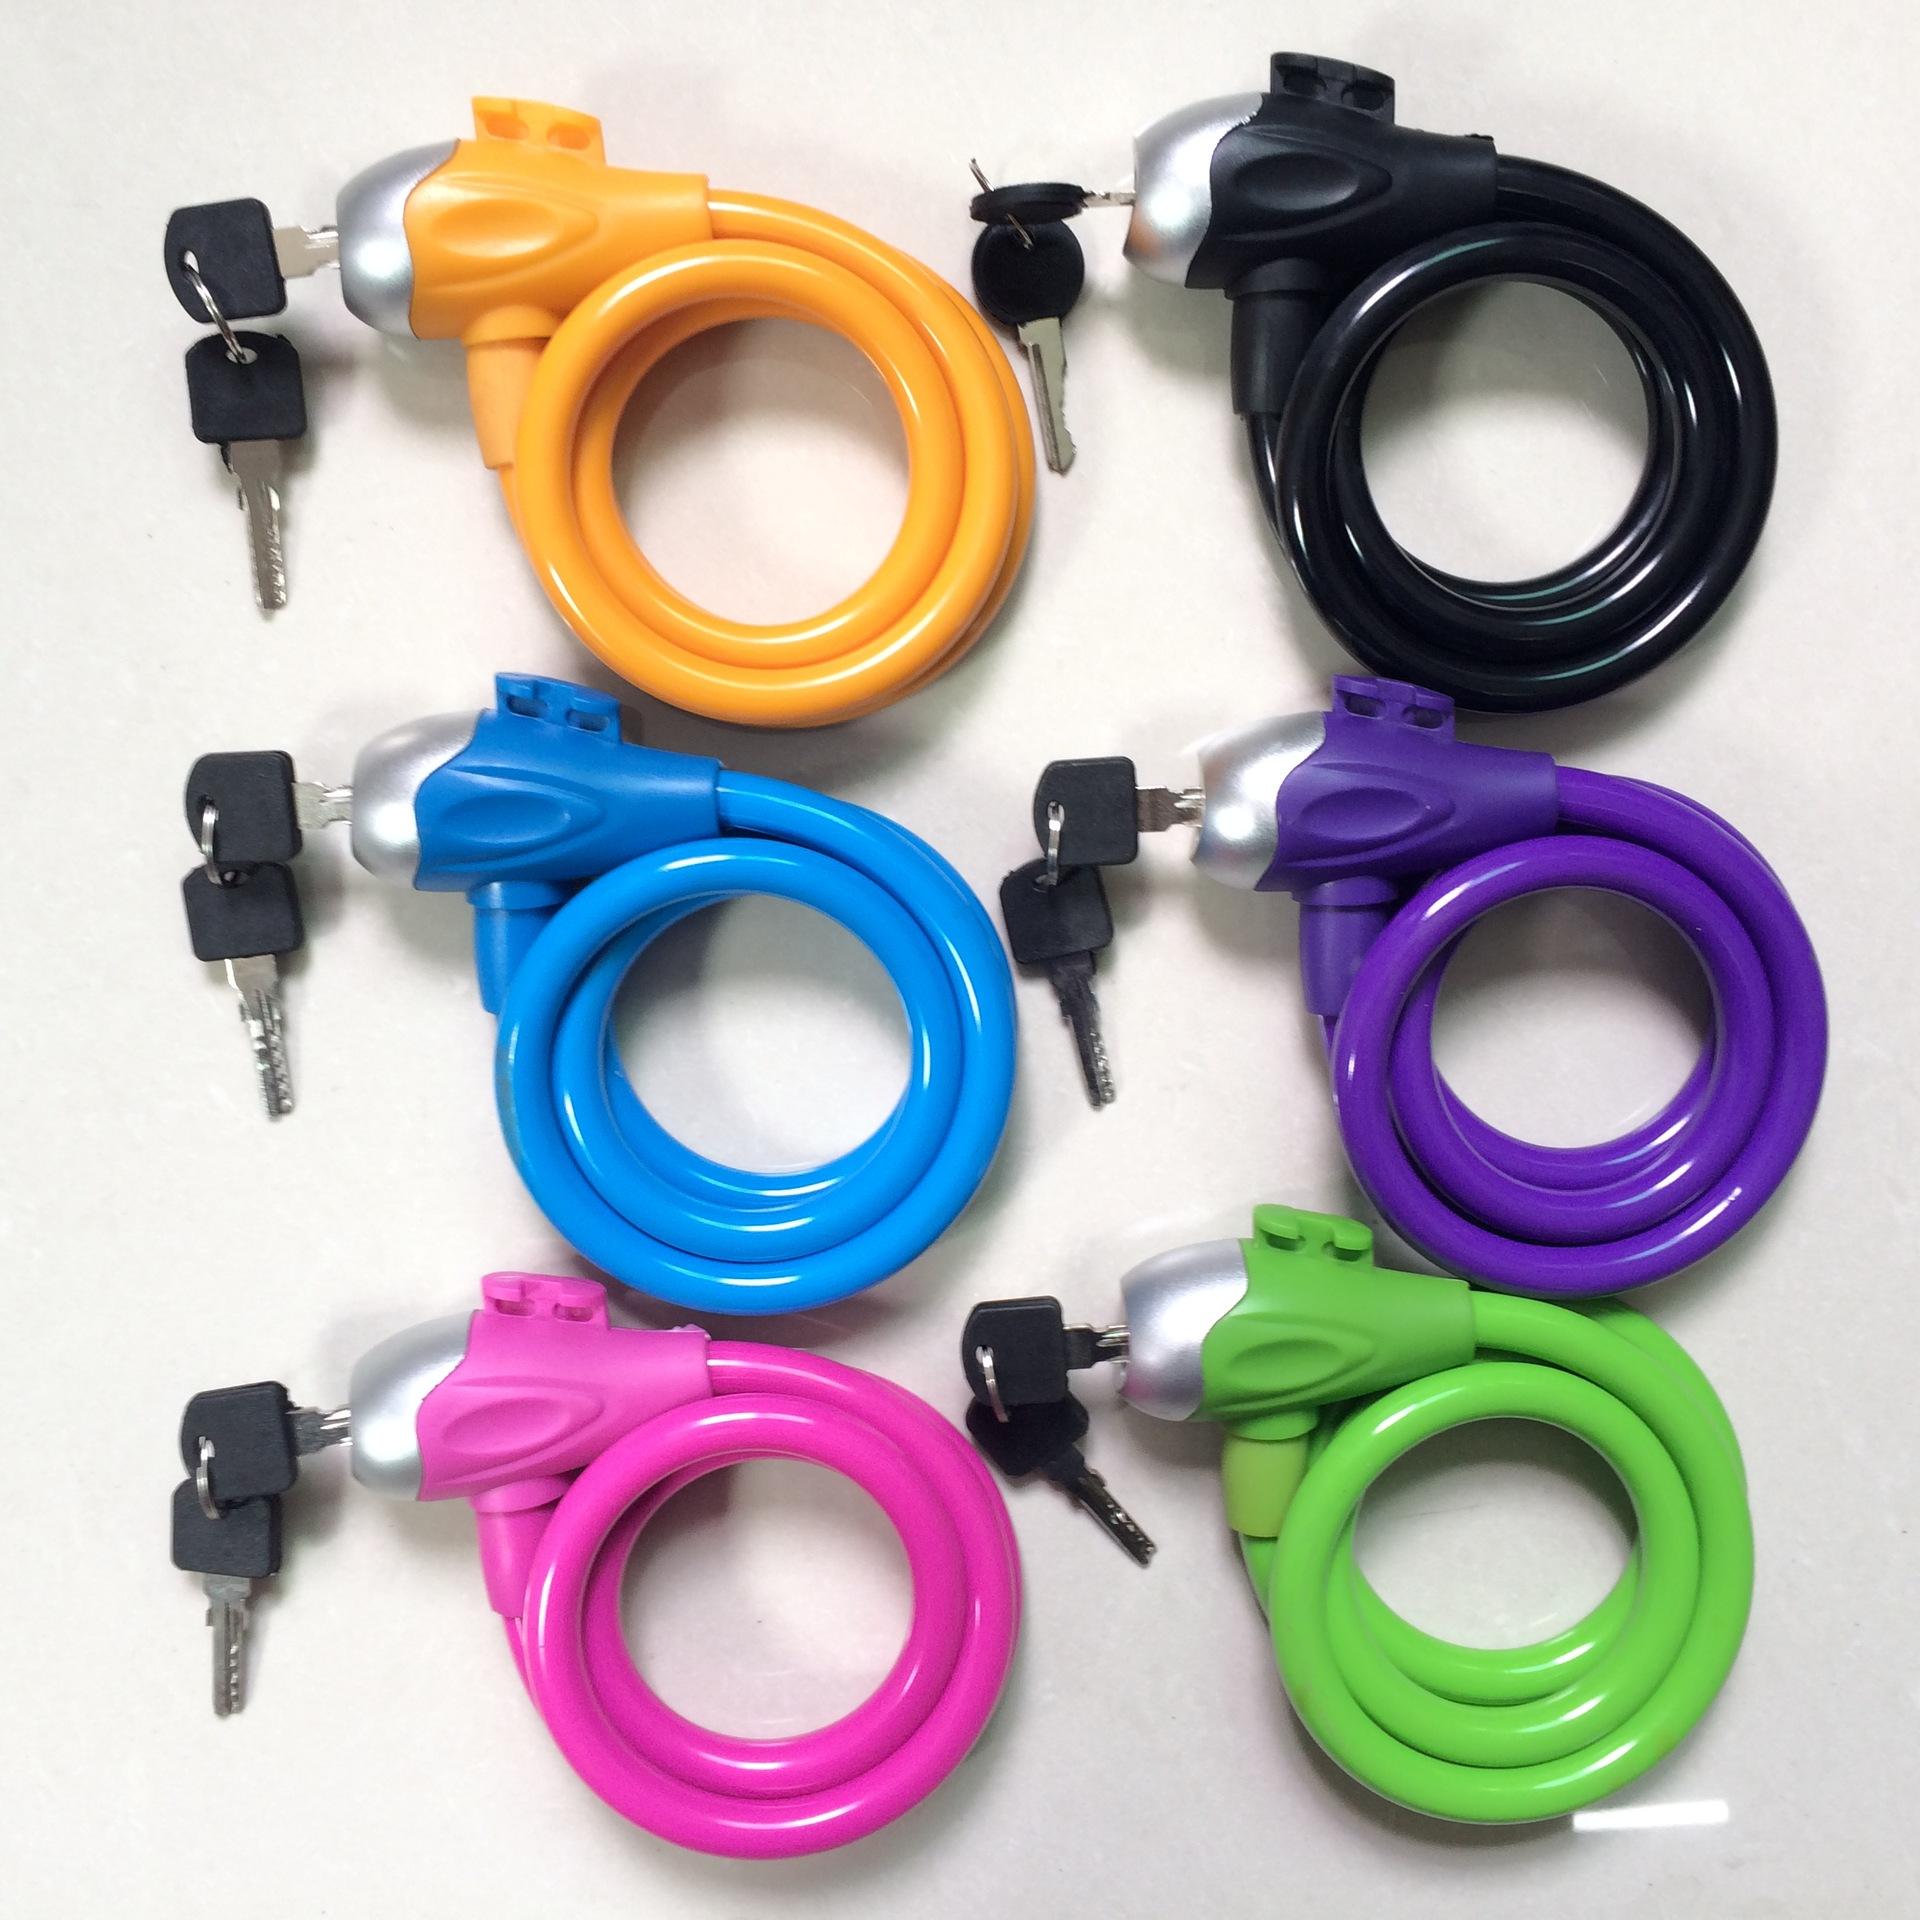 【厂家直销】红金 鱼头形彩色圈形锁 钢缆锁钢丝锁 自行车锁 铜芯